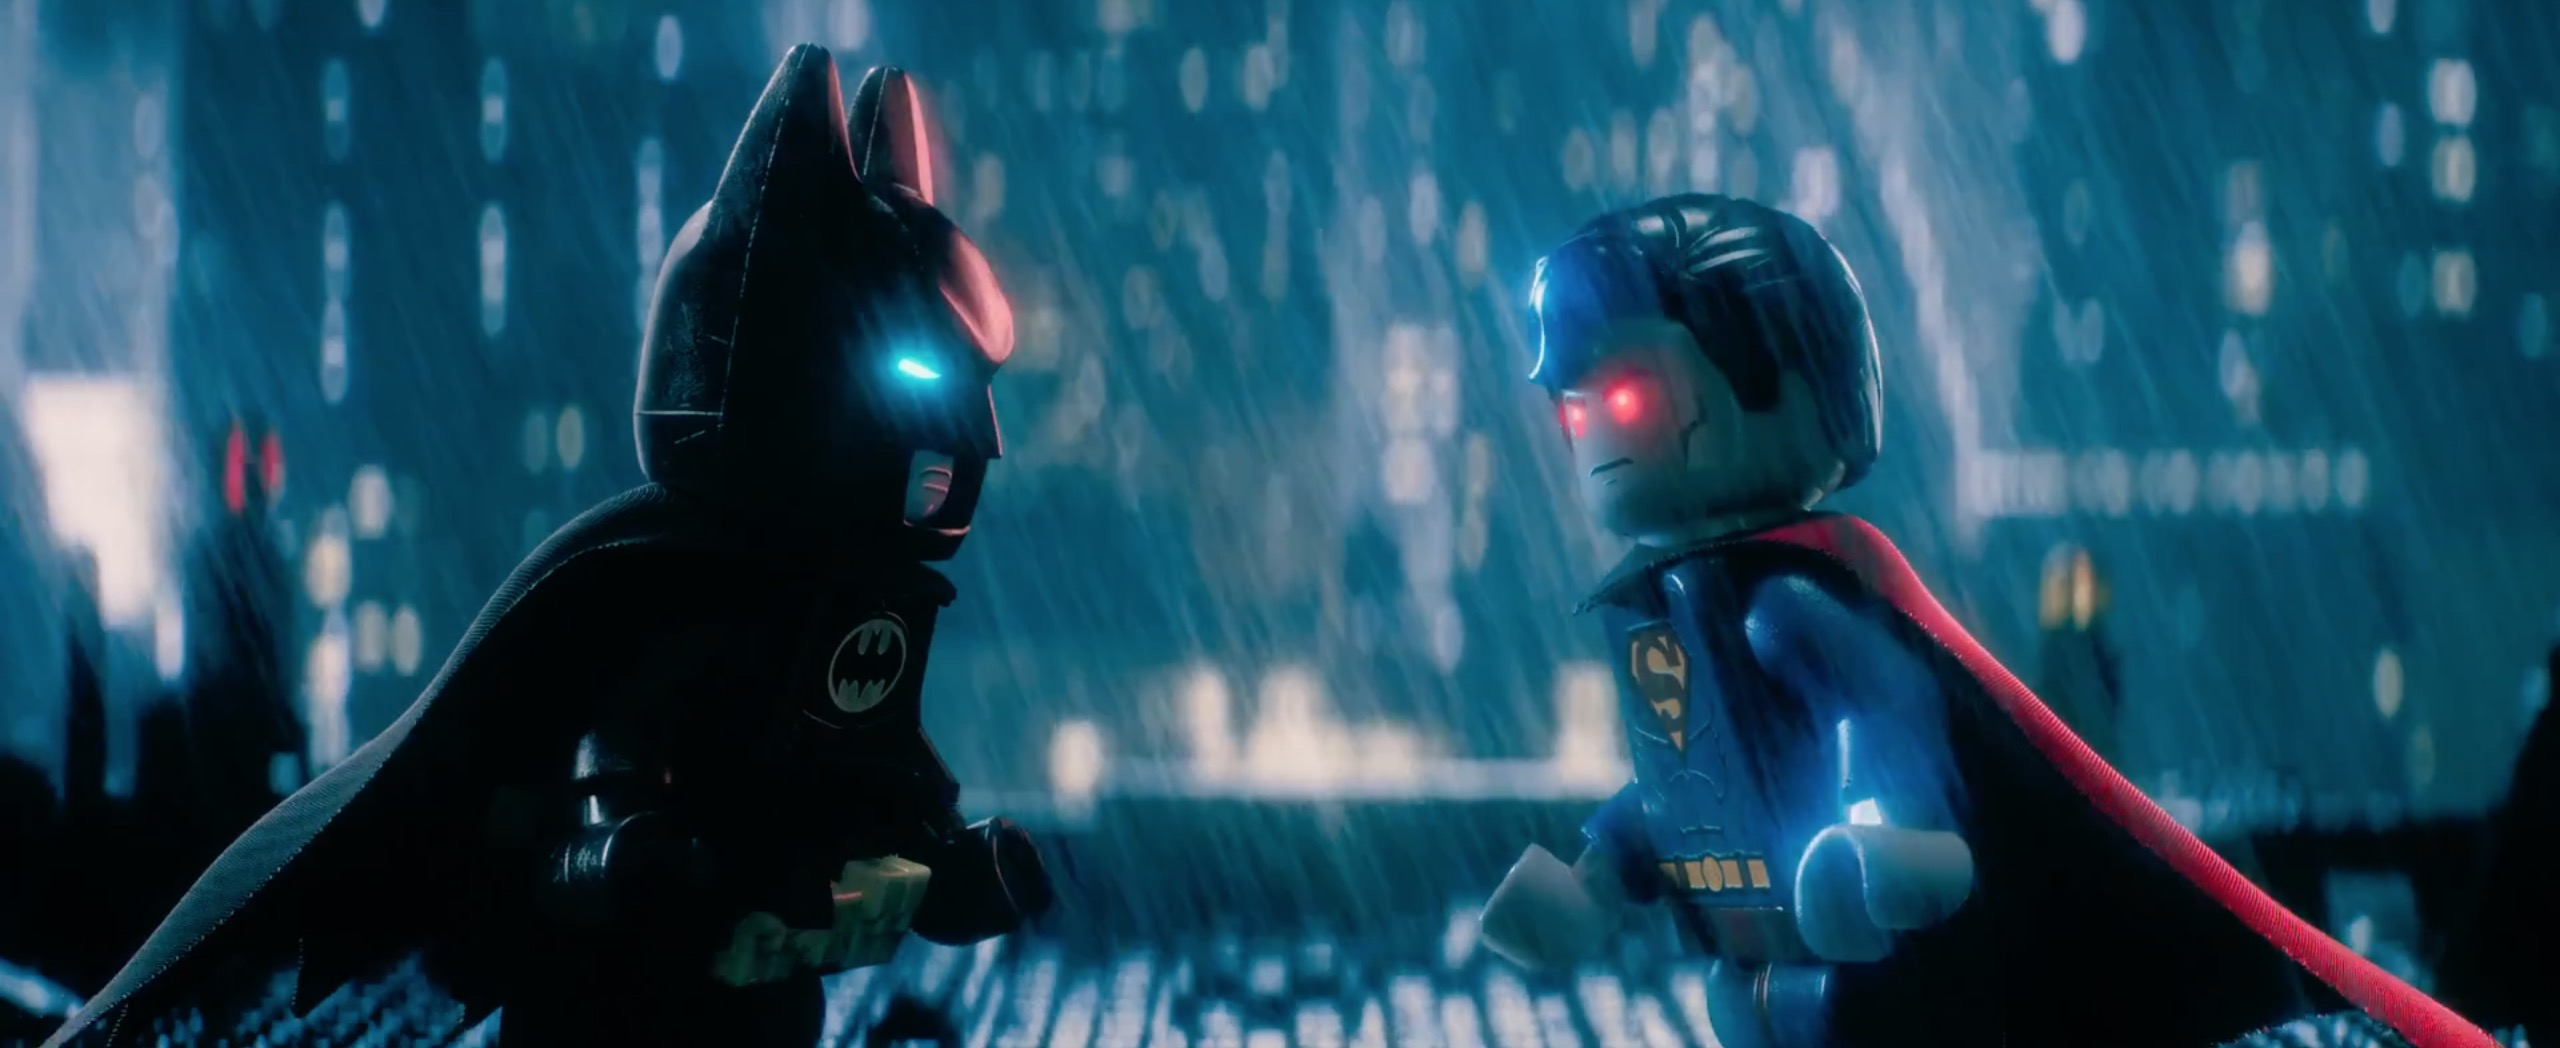 """Nowy zwiastun """"The LEGO Batman Movie"""" sprzedał mi ten film. Jednak idę do kina"""